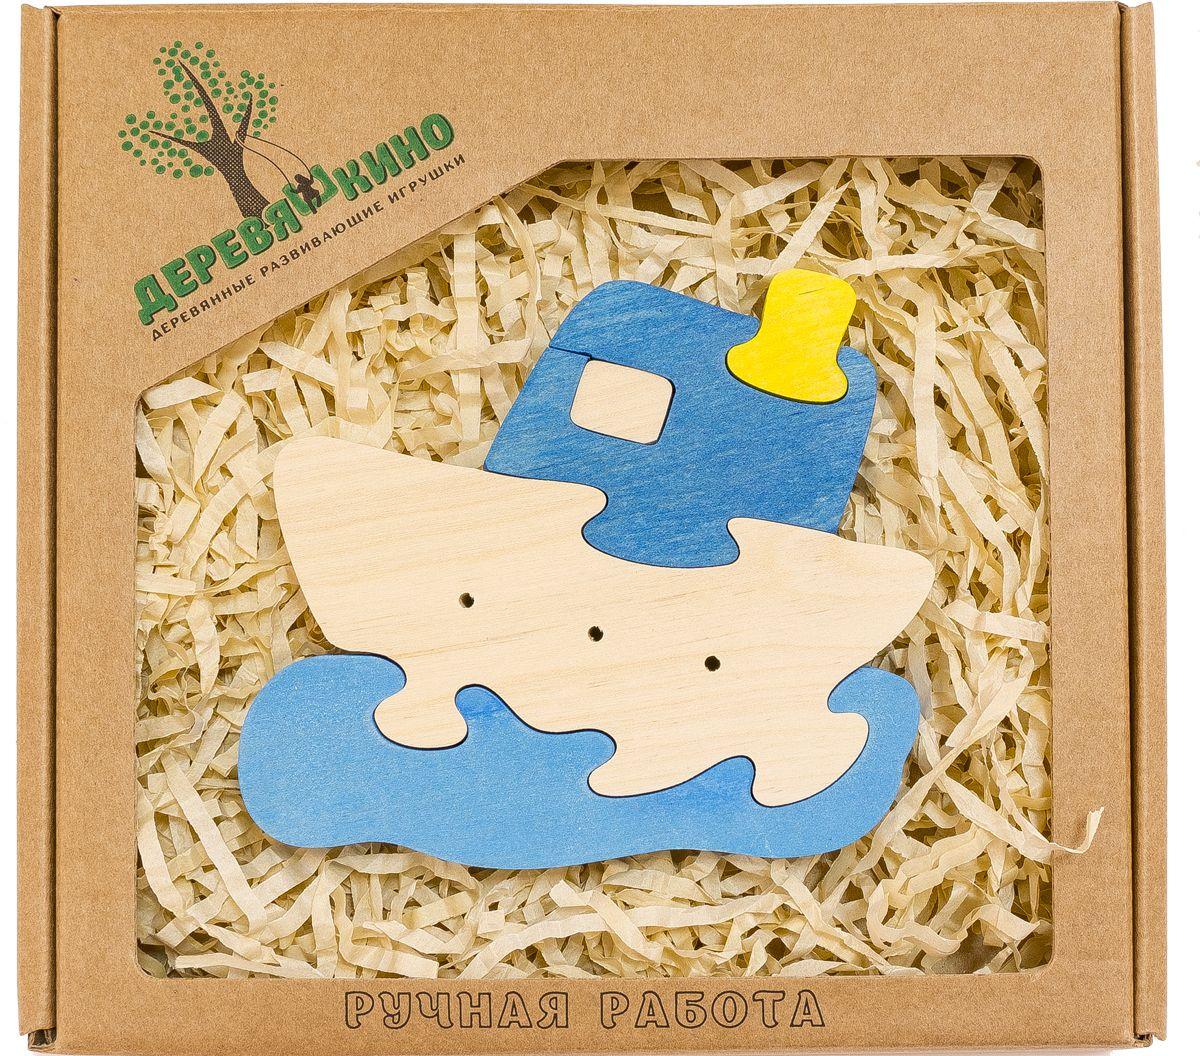 Деревяшкино Пазл для малышей Кораблик на волнах620Развивающая деревянная головоломка Кораблик на волнах (средней степени сложности) подходит для мальчиков и девочек в возрасте 3-5лет, состоит из 5 деталей. Экологически чистый продукт: изготовлено вручную из массива березы. Игрушка раскрашена пищевой водостойкой краской, что делает взаимодействие с изделием абсолютно безопасным: никаких лаков, «химии» или добавок. Процесс сборки деревянной головоломки развивает: тактильную сенсорику, внимательность, усидчивость, пространственное мышление, мелкую моторику, а так же учит различать элементы по цвету, форме и размеру. С продукцией компании Деревяшкино, Ваши детки развиваются, играя без риска для здоровья.